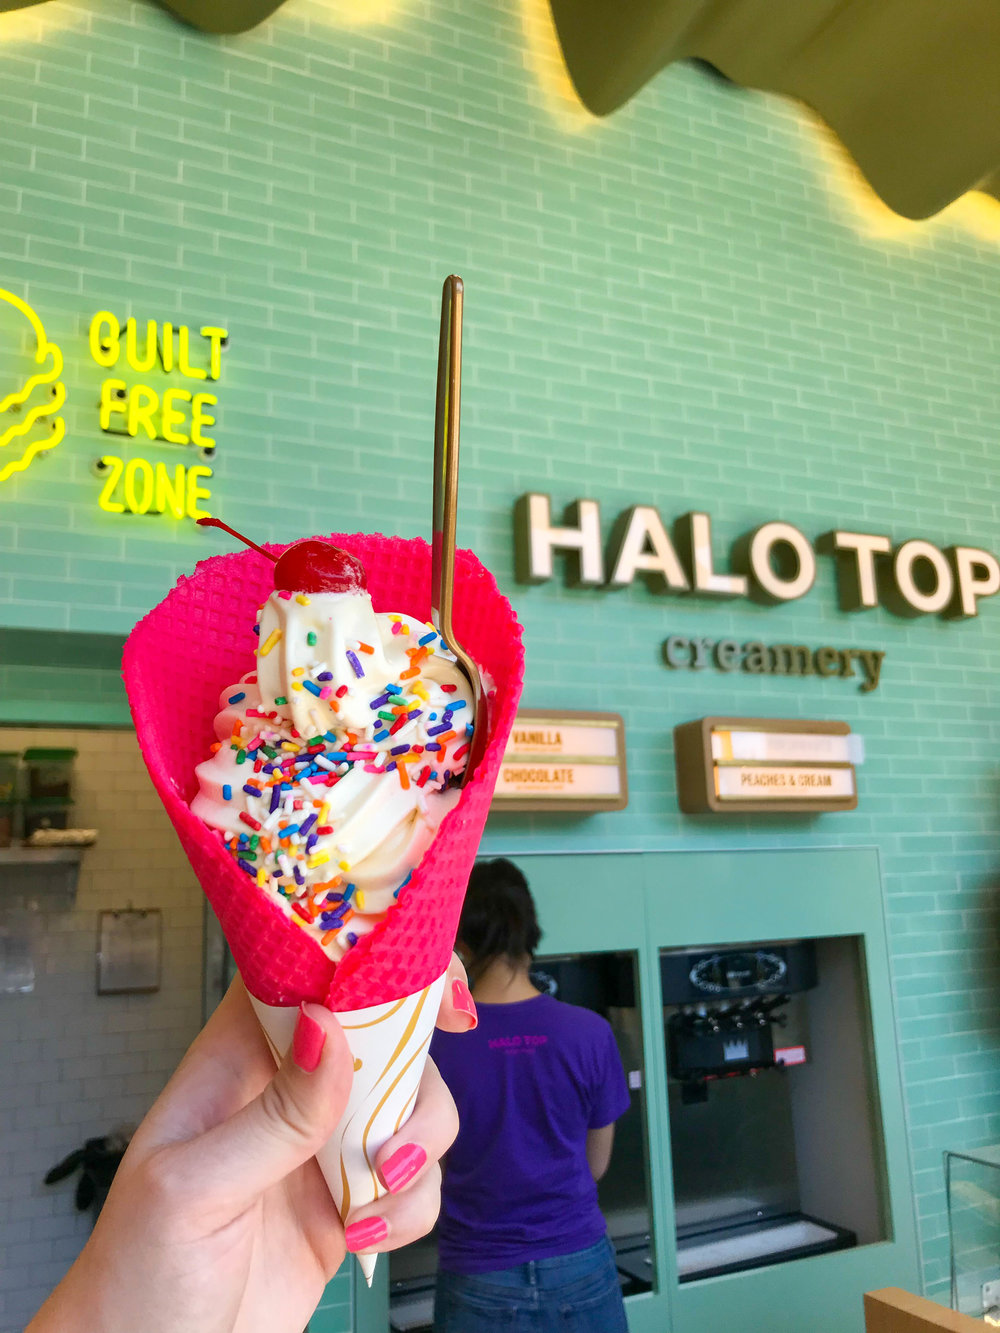 Halo Top Scoop Shop - ice cream cone